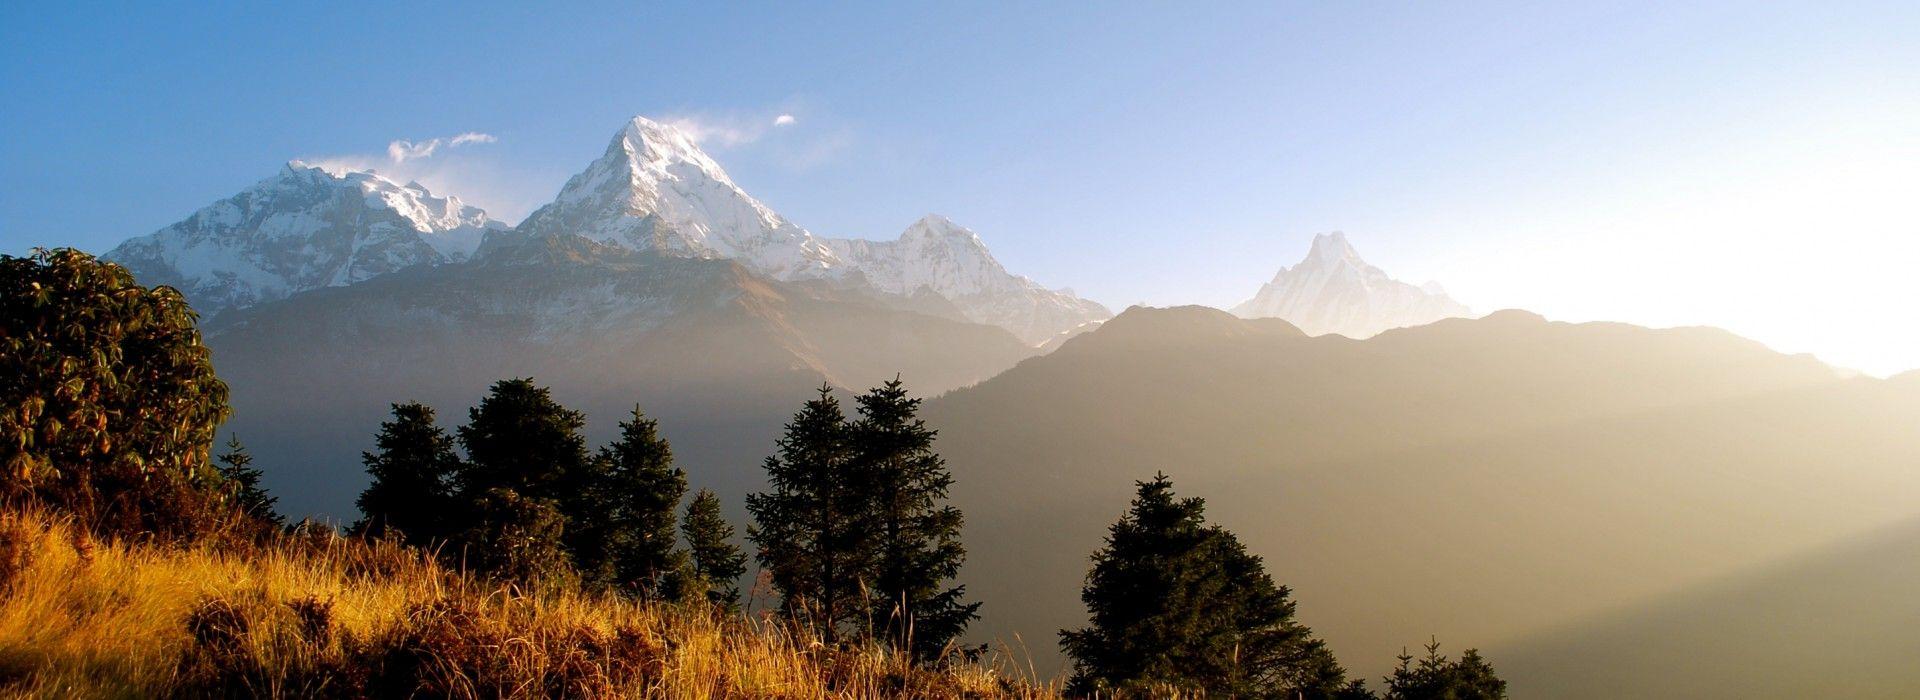 Adventure Tours in Kathmandu